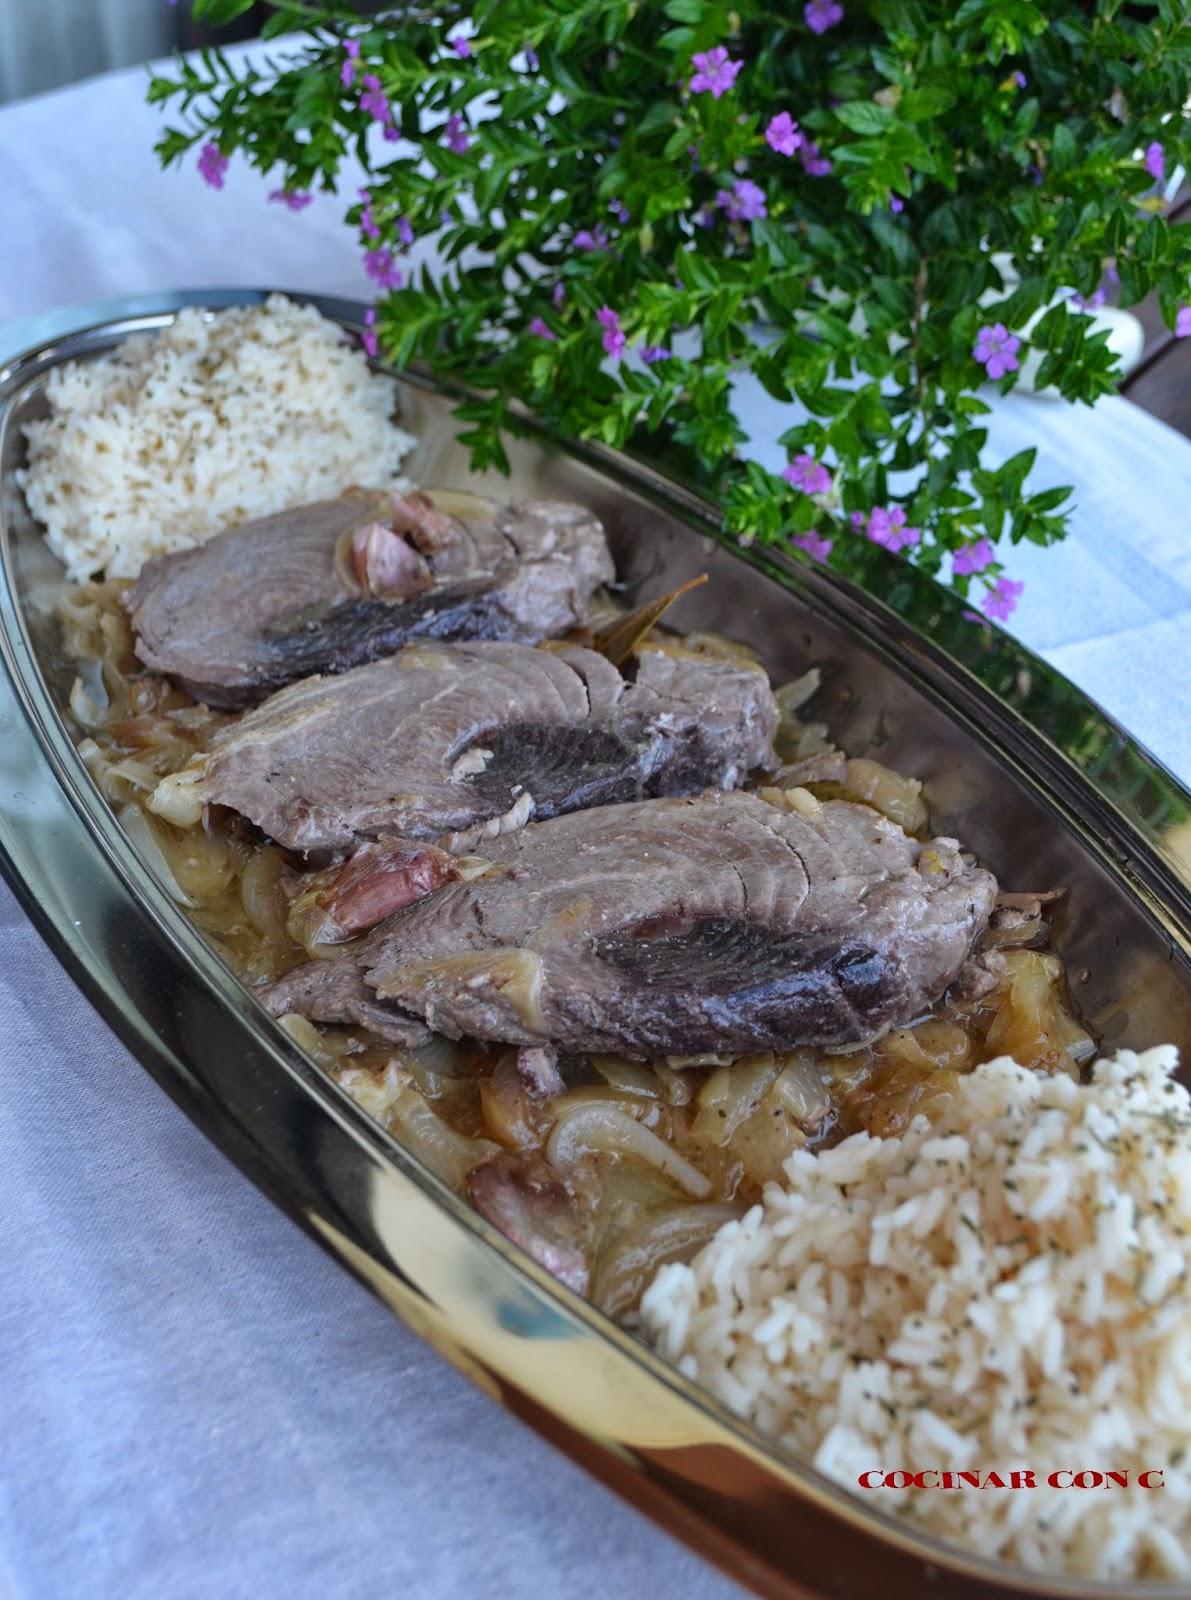 Cocinar con c atun rojo encebollado for Cocinar con 5 ingredientes